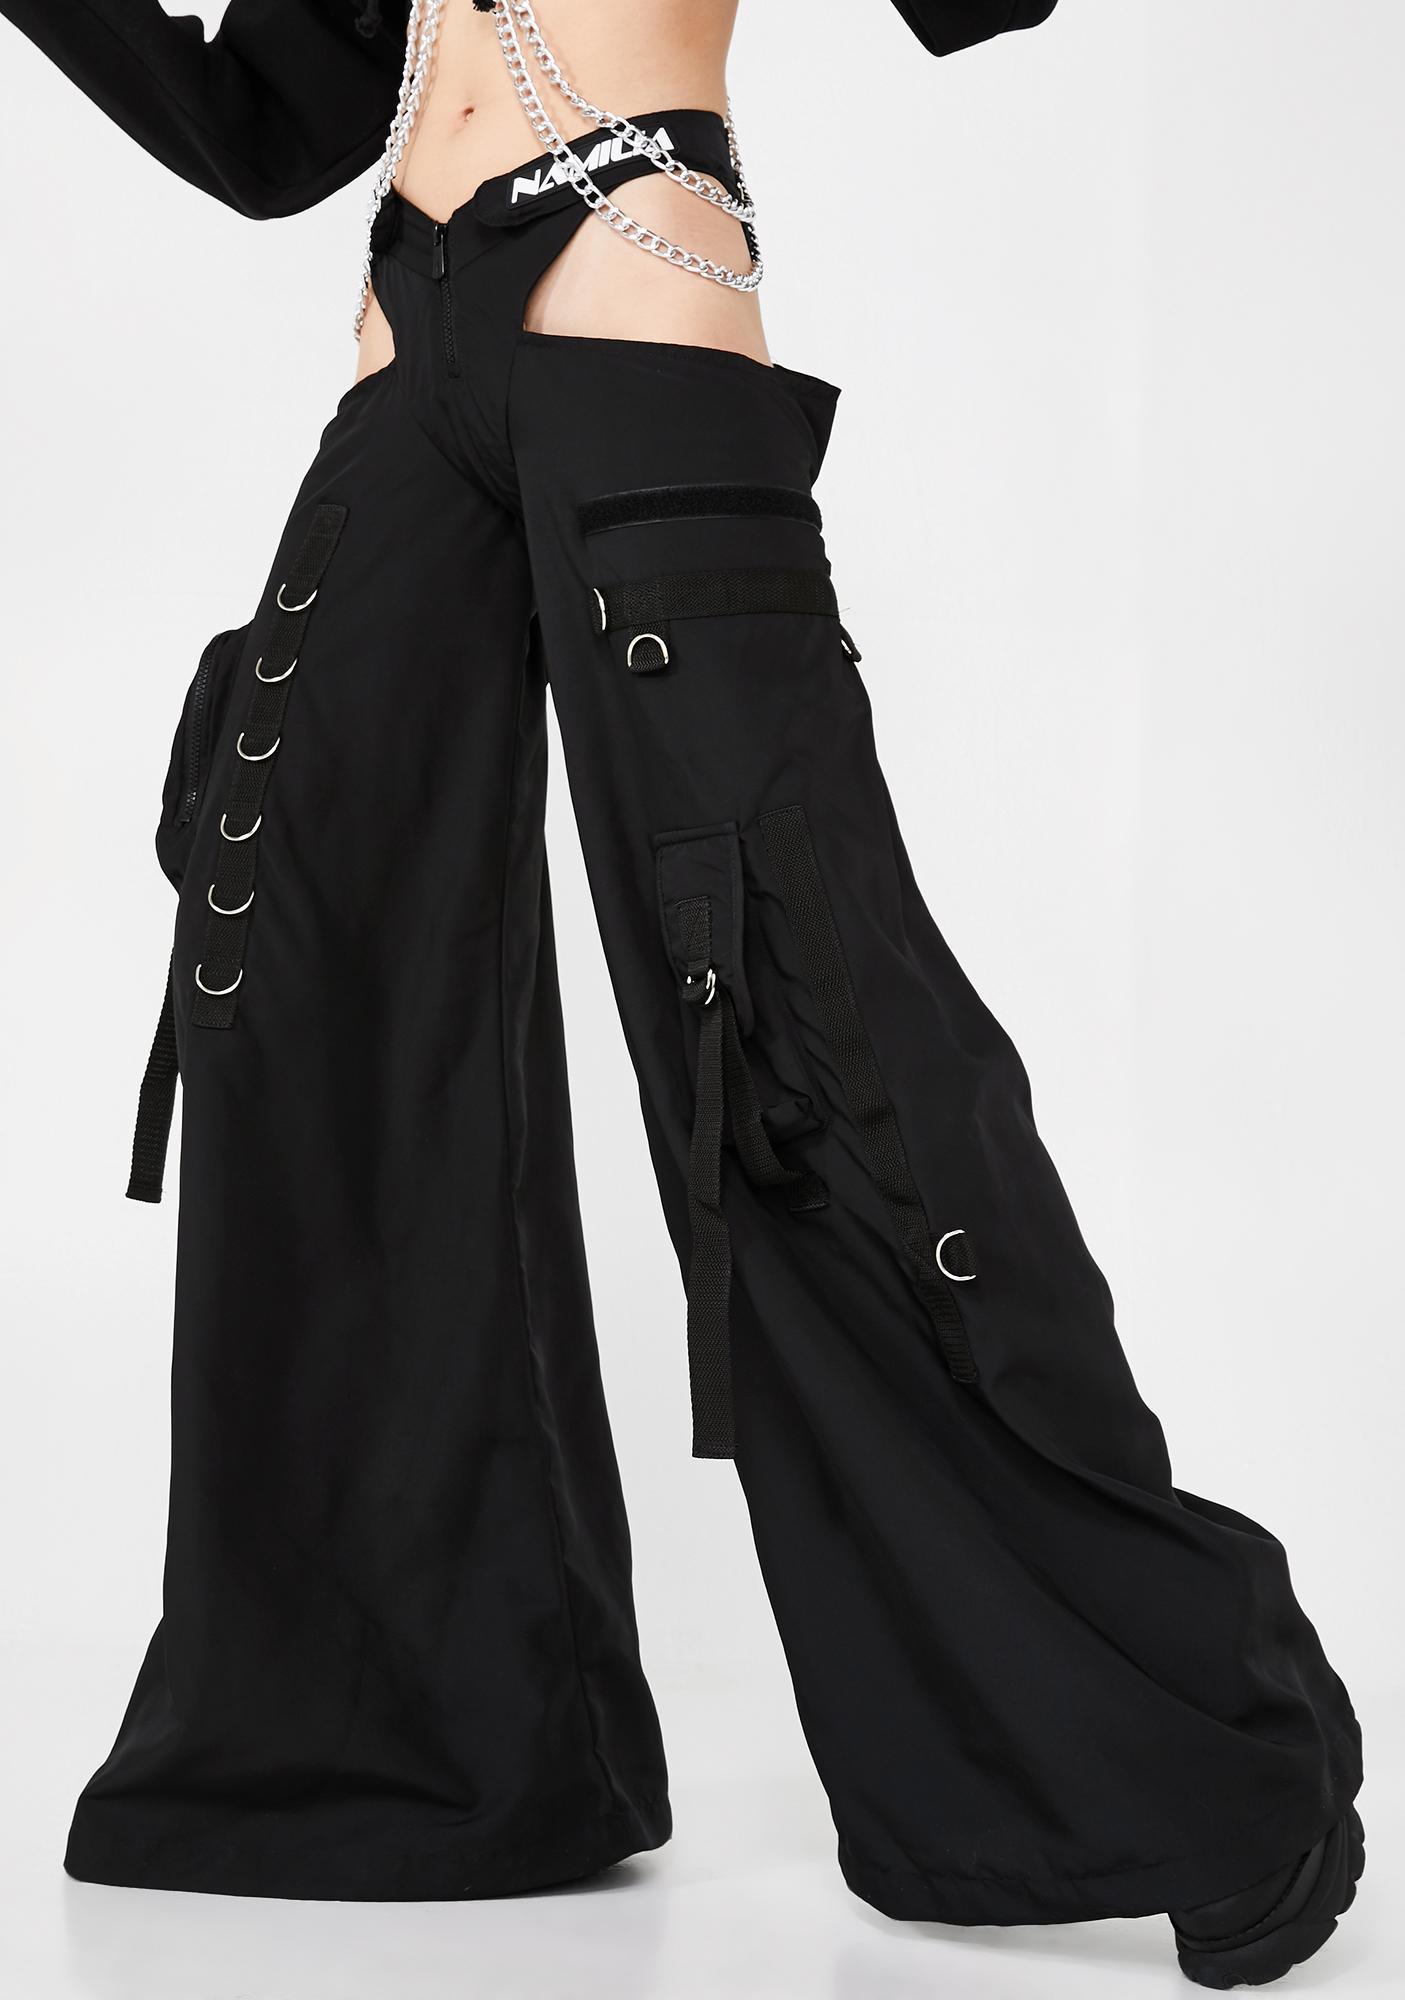 Namilia Black Rave Panty Trousers